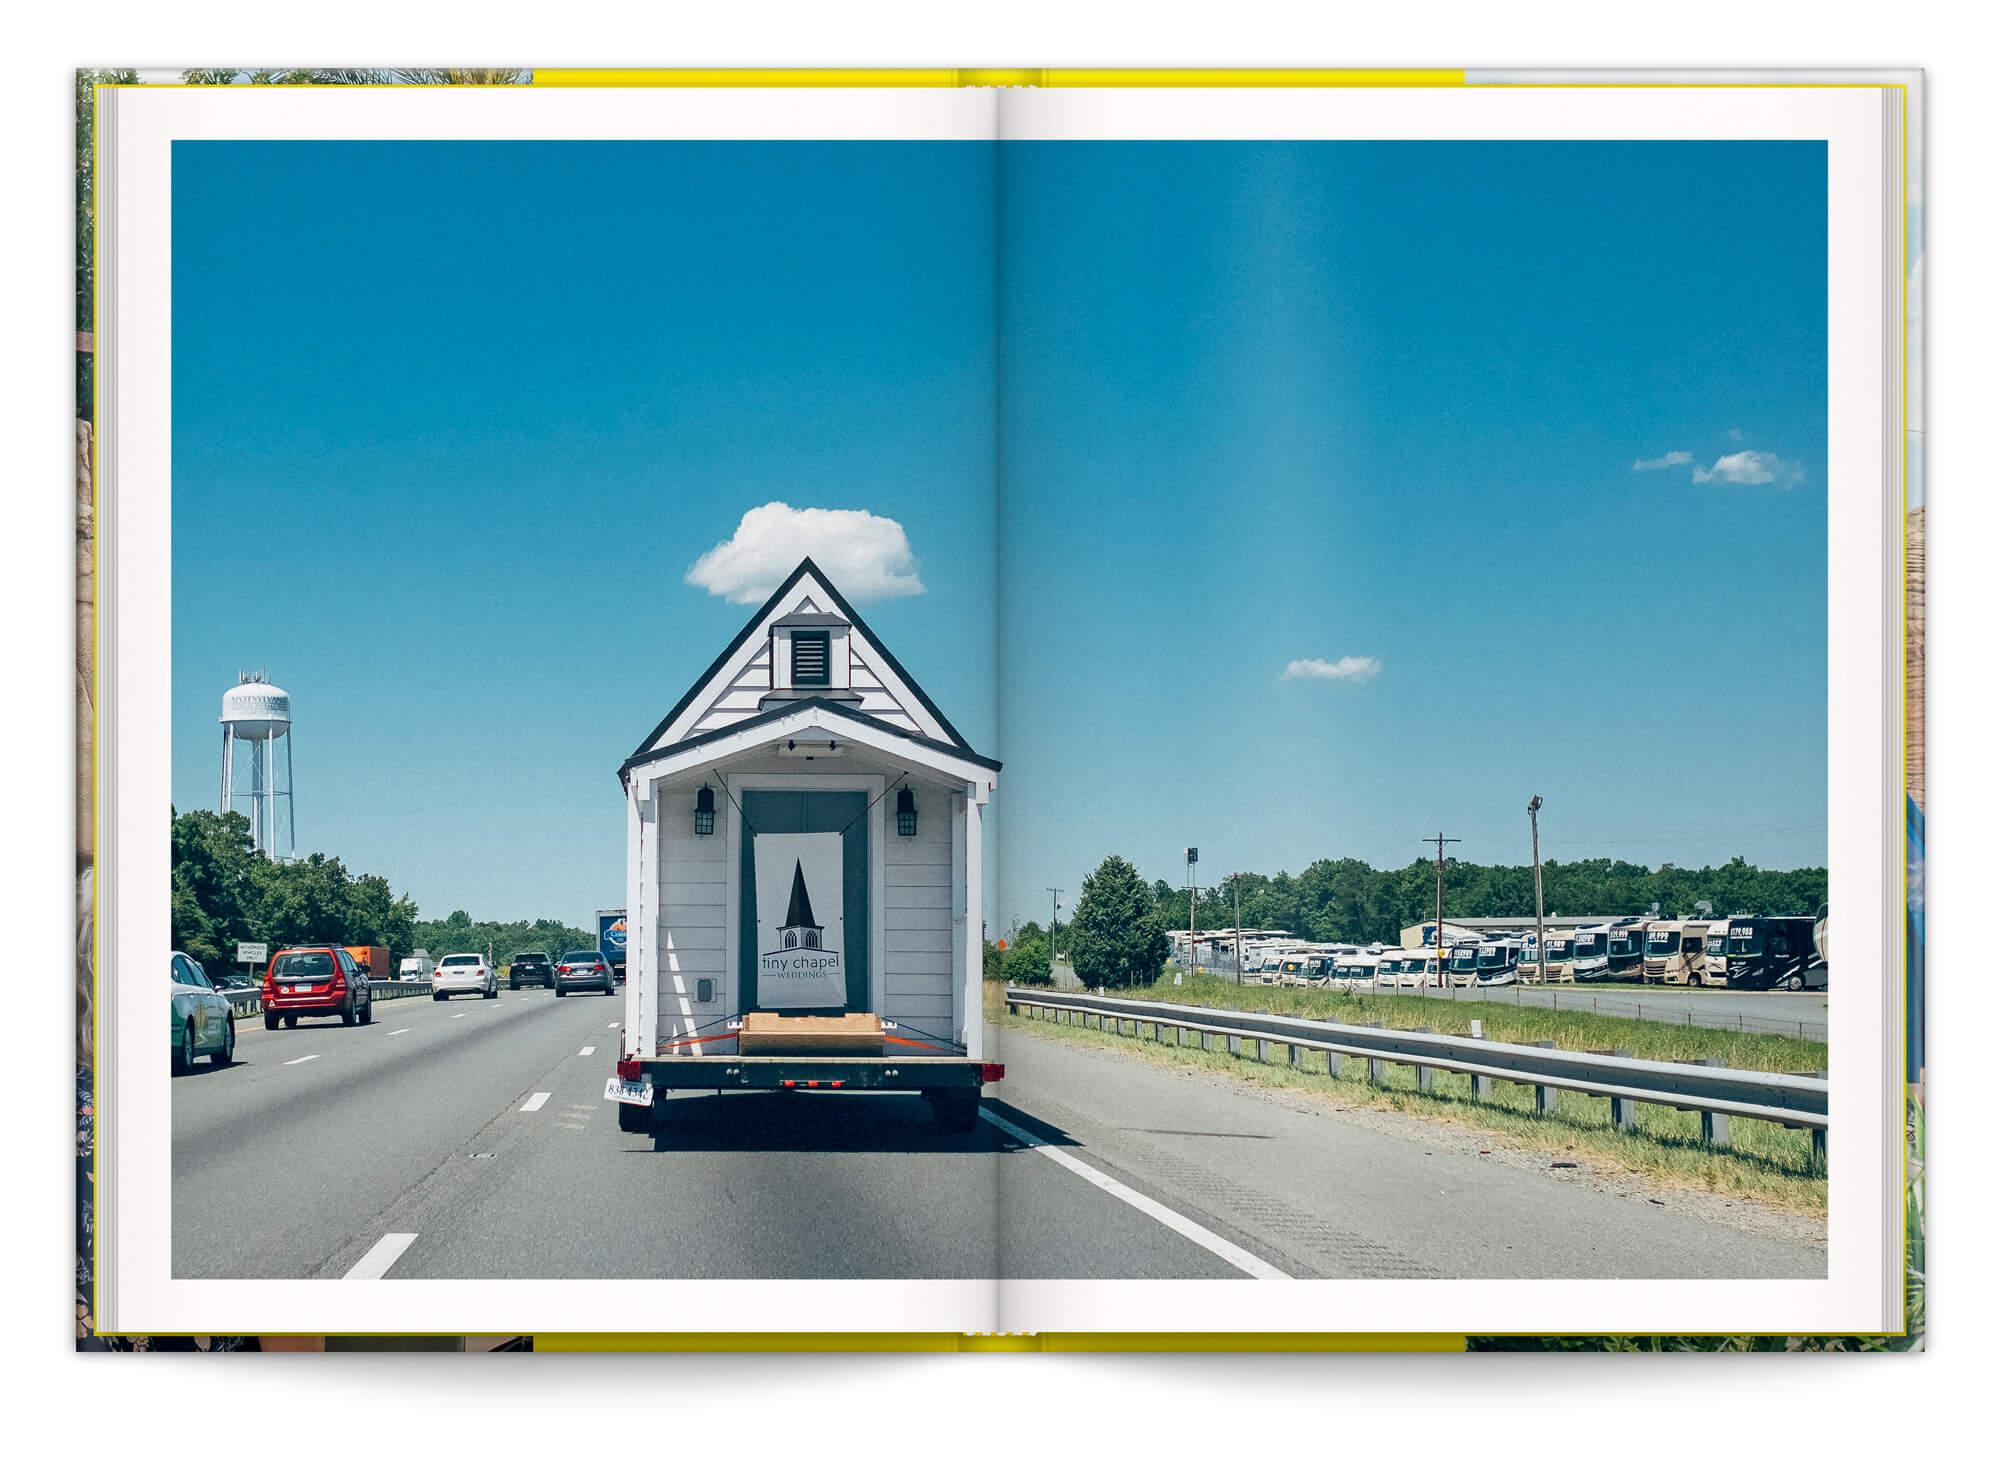 Cyril Abad photographie La Tiny Mobile Church sur la route, design IchetKar